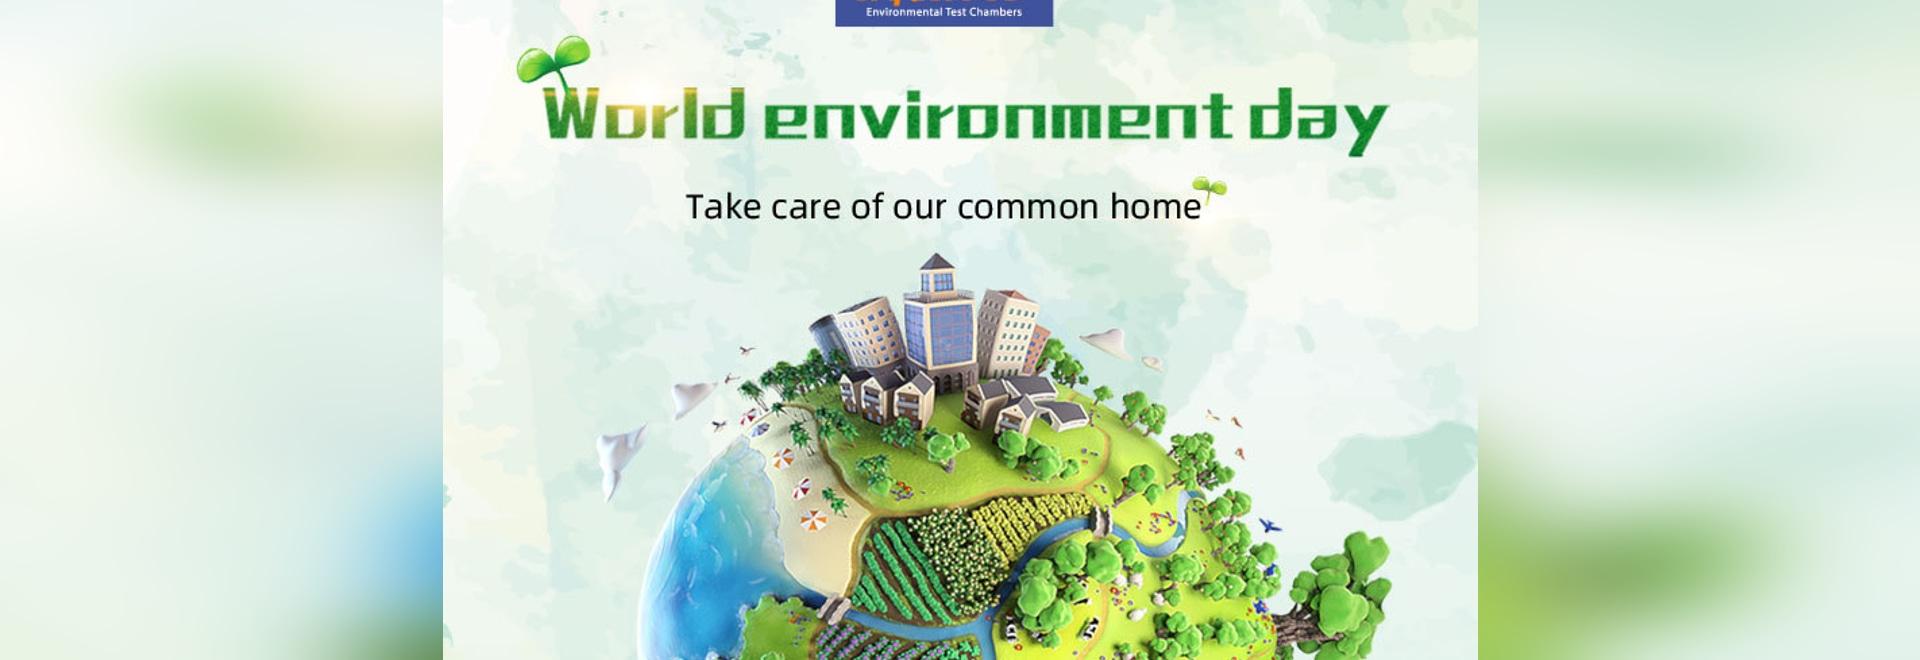 Journée mondiale de l'environnement | Chambres environnementales de Sanwood